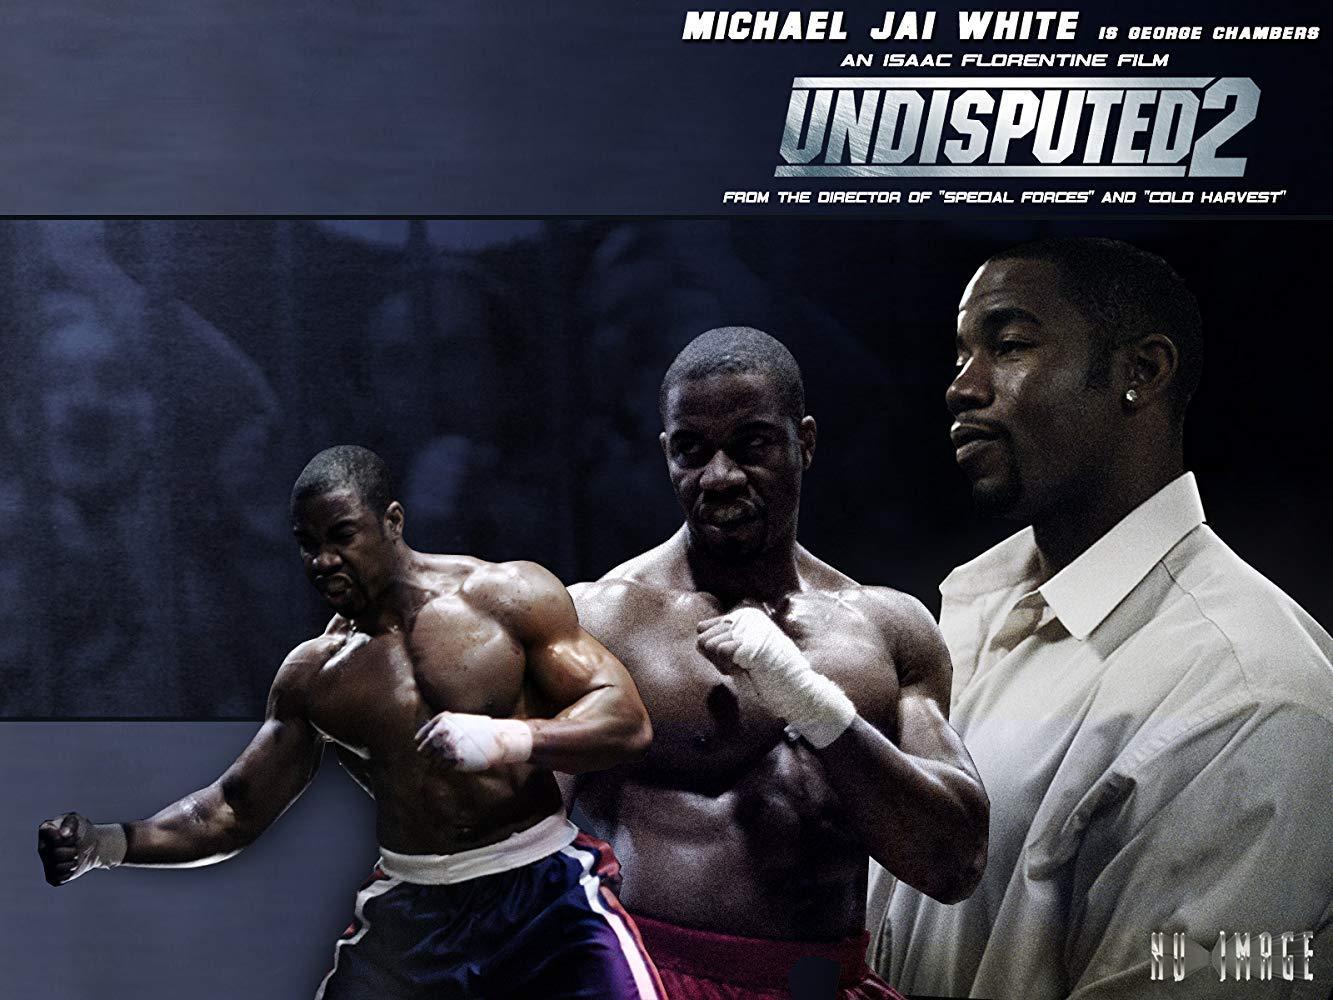 مشاهدة فيلم Undisputed 2 Last Man Standing 2006 HD مترجم كامل اون لاين